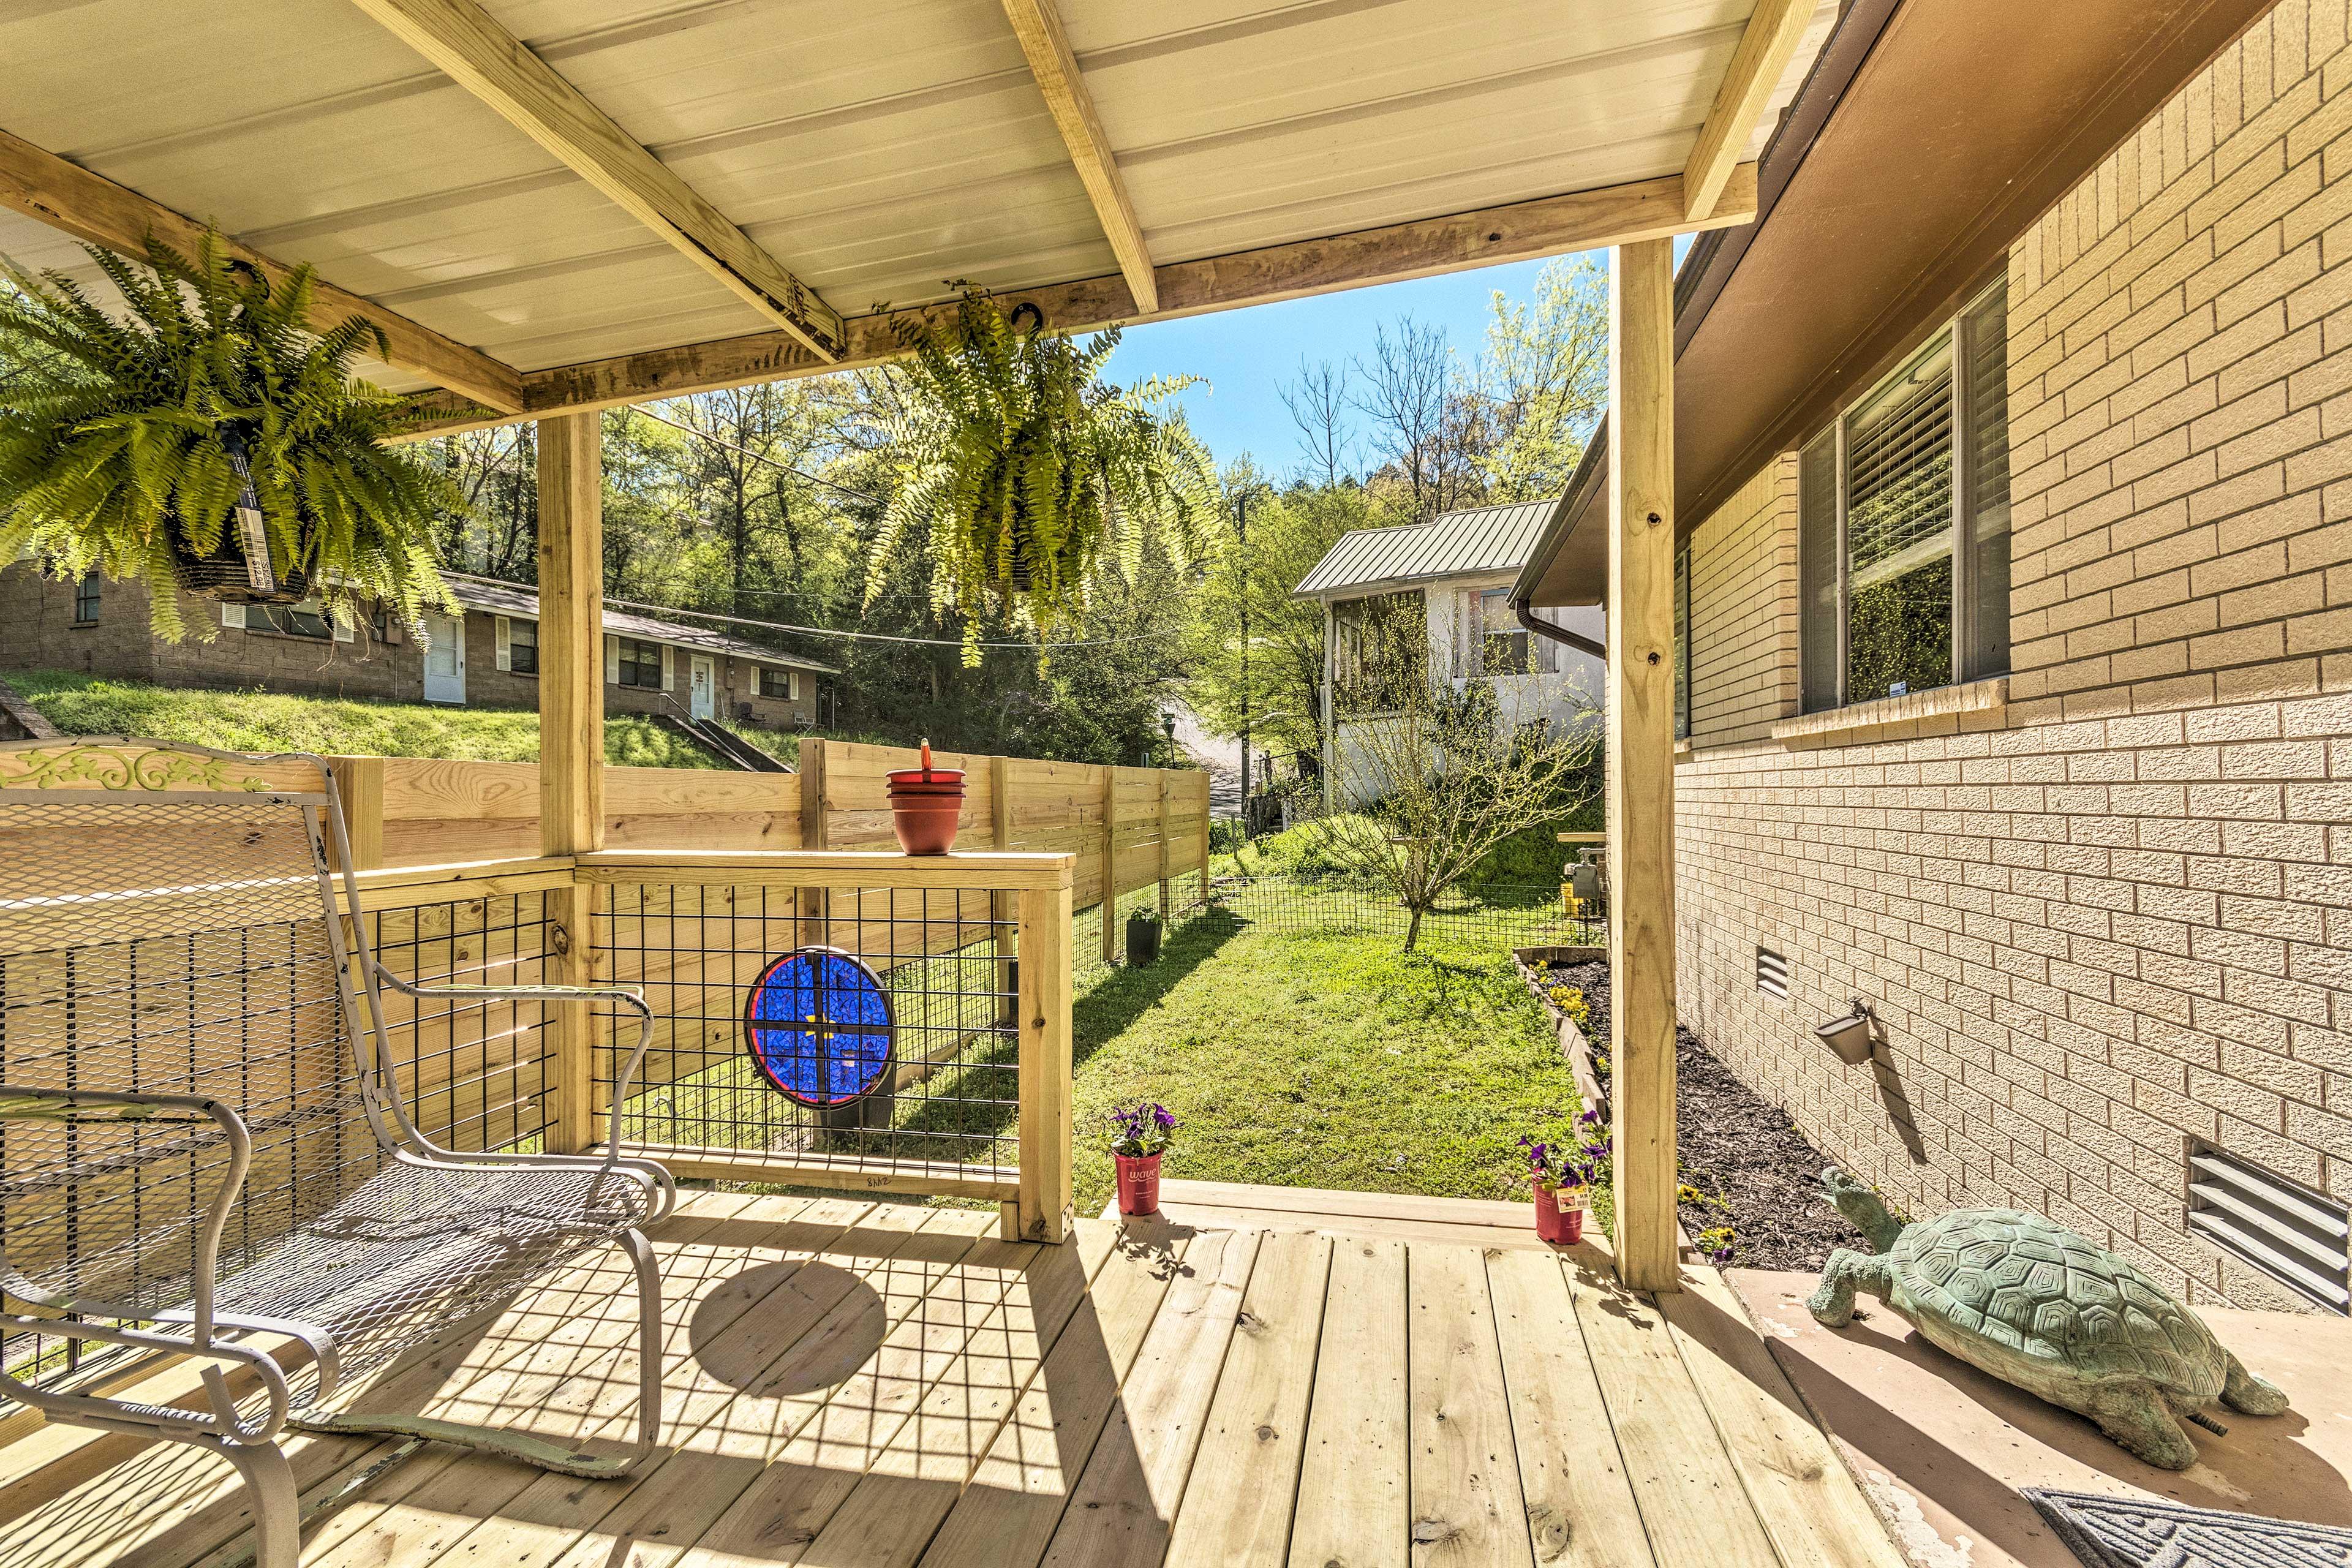 Soak up the sun in the backyard.